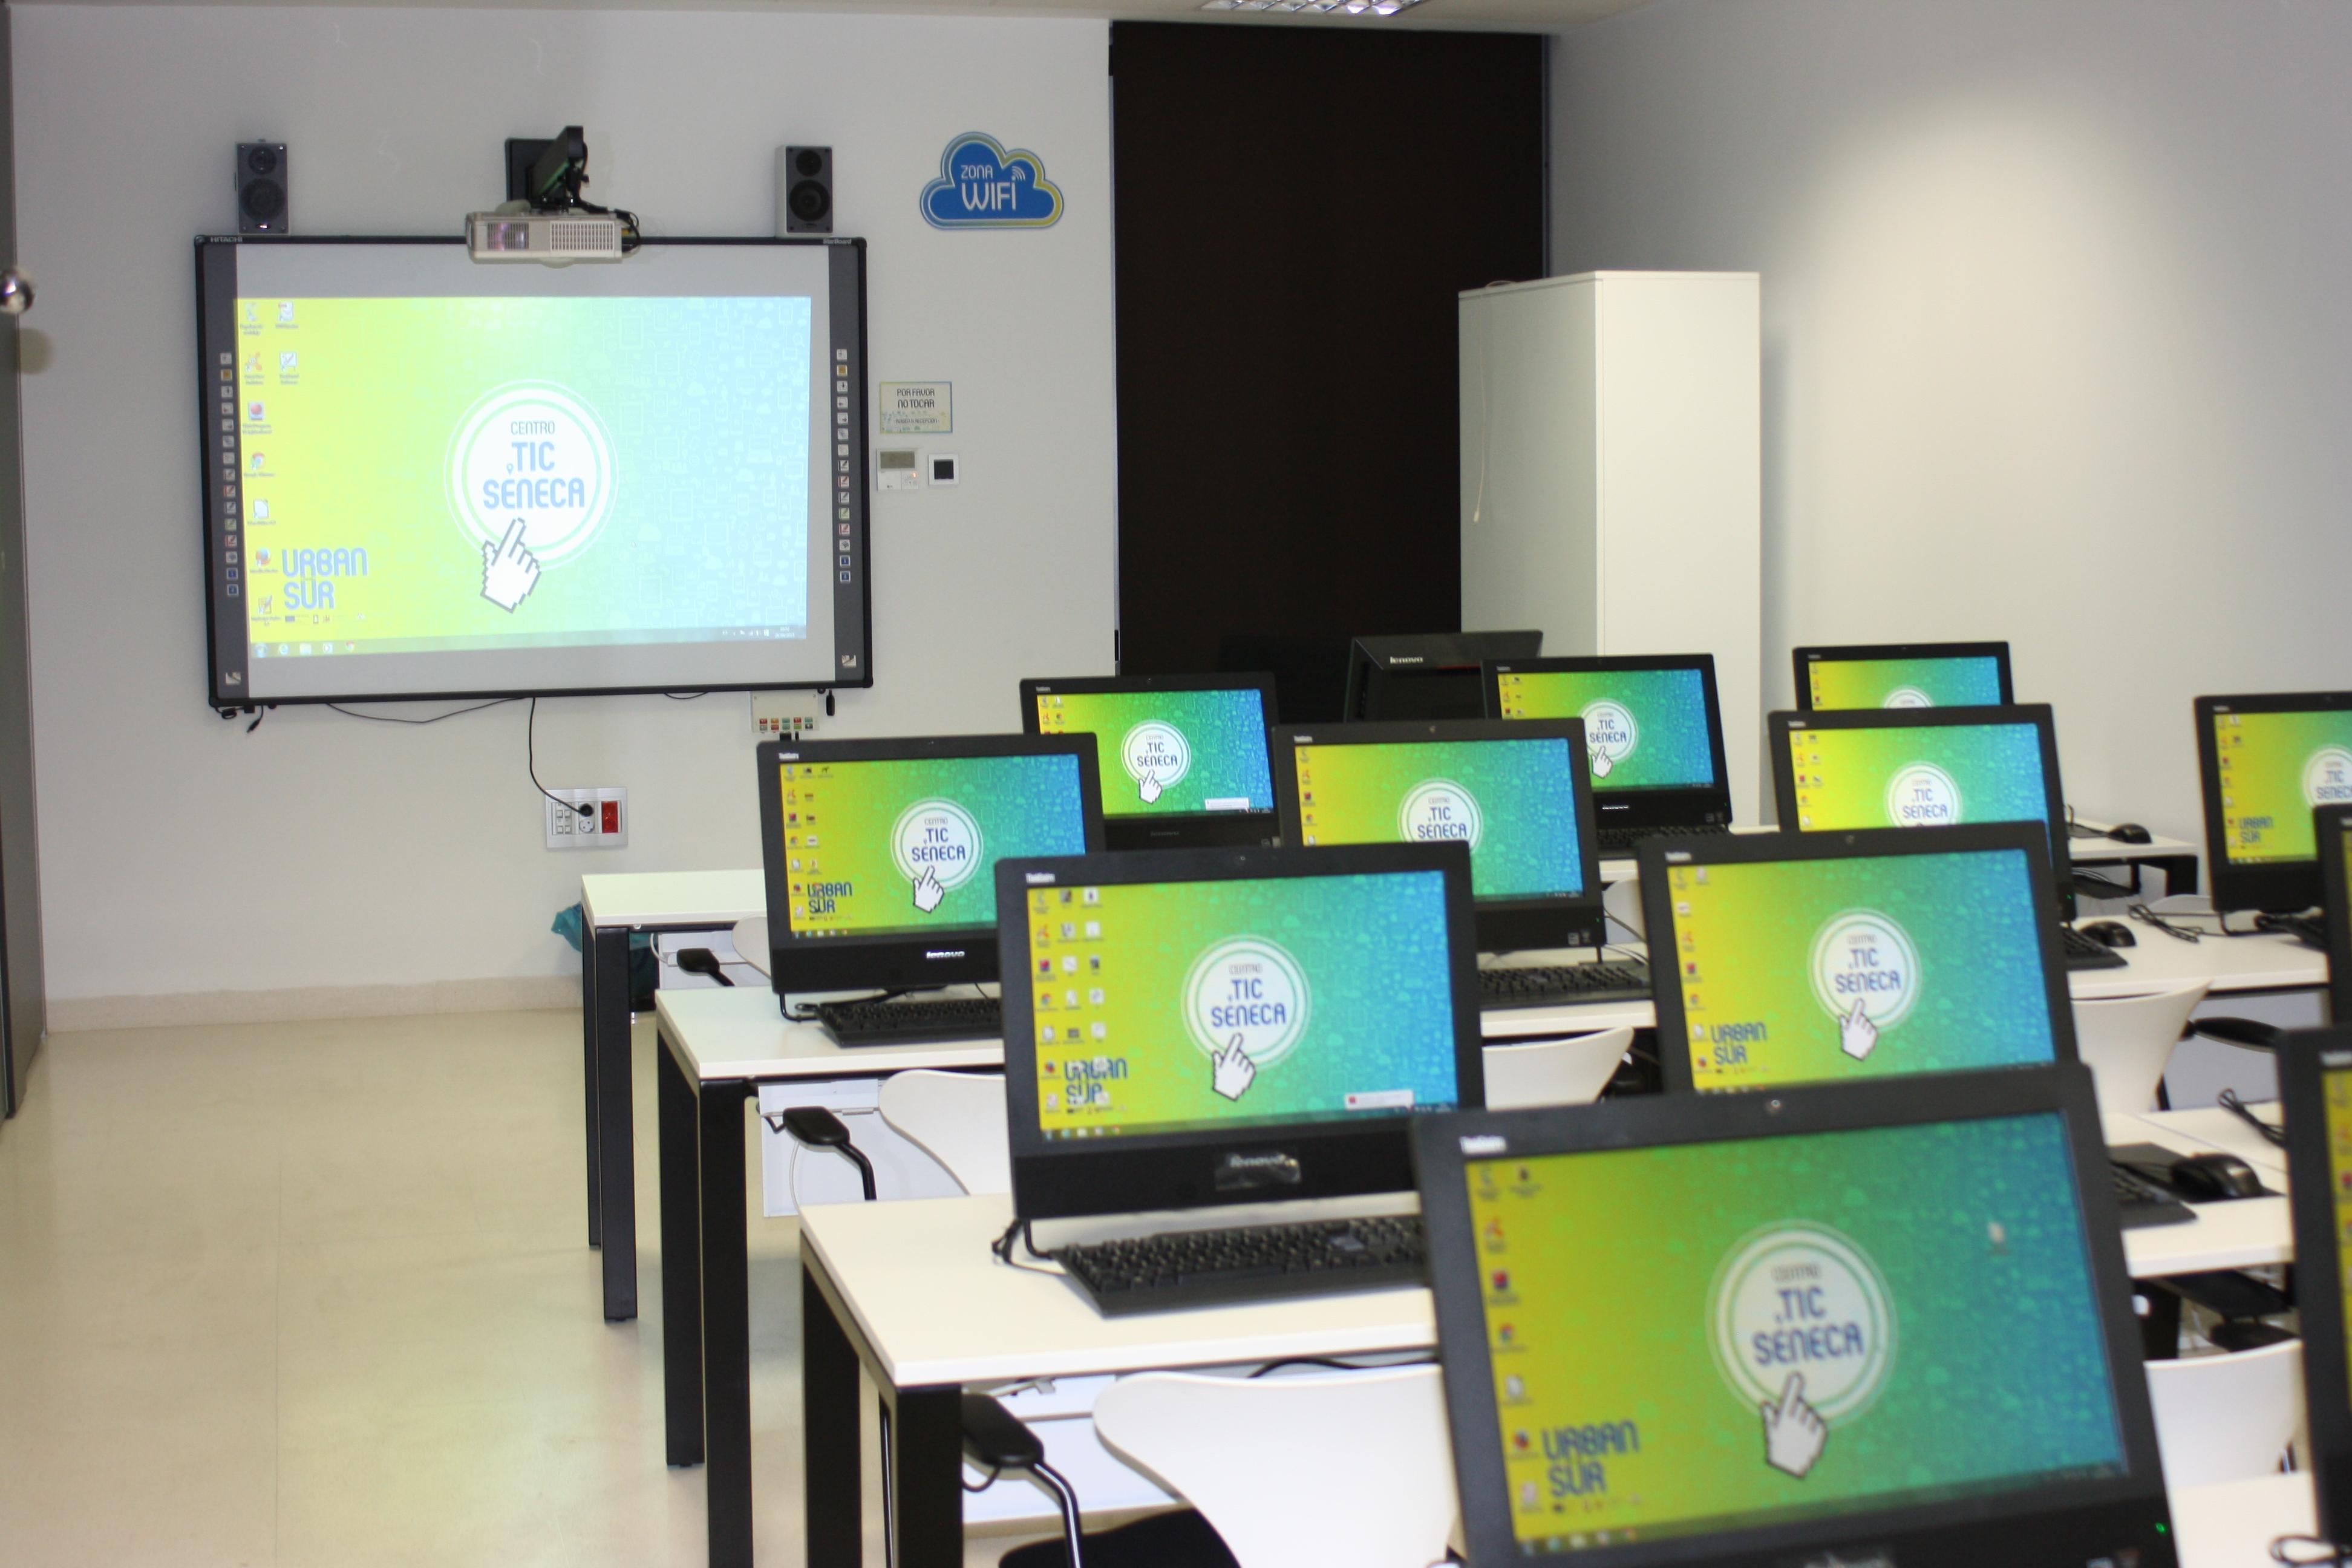 Centro TIC Séneca